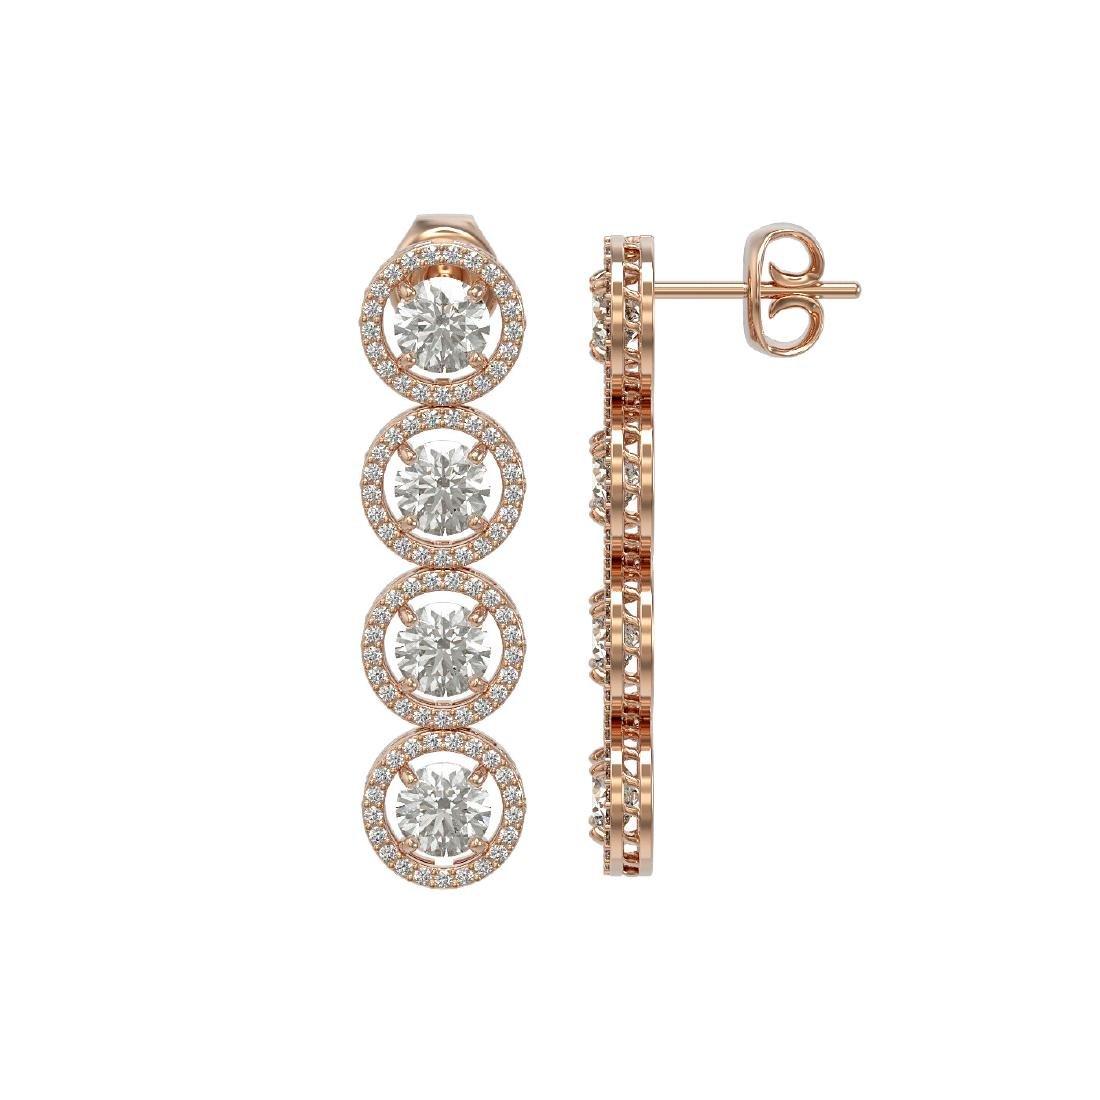 6.14 CTW Diamond Designer Earrings 18K Rose Gold - 2